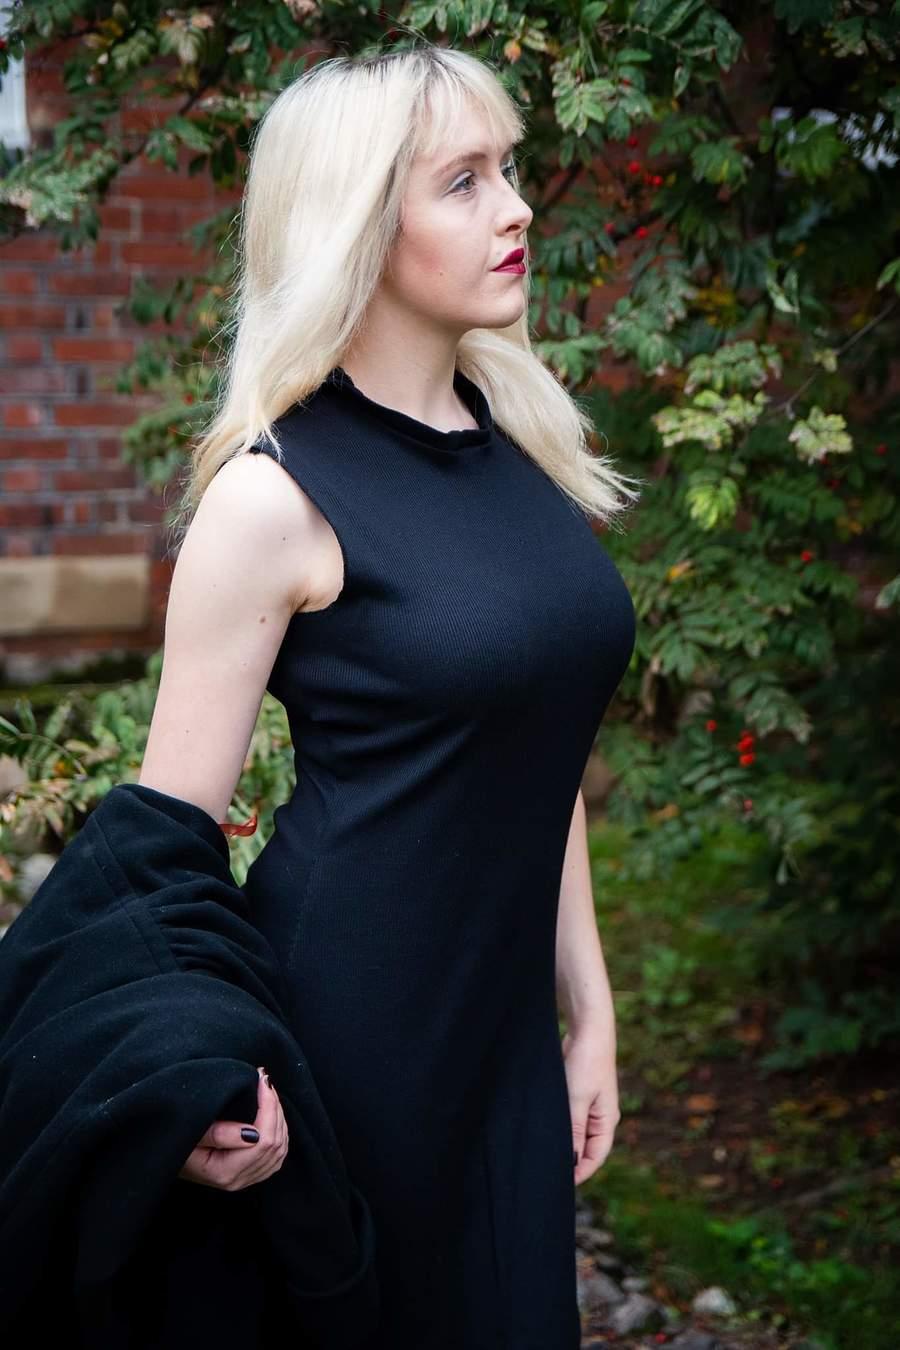 Little Black Dress / Model Maretta Vergette / Uploaded 17th November 2019 @ 11:10 PM